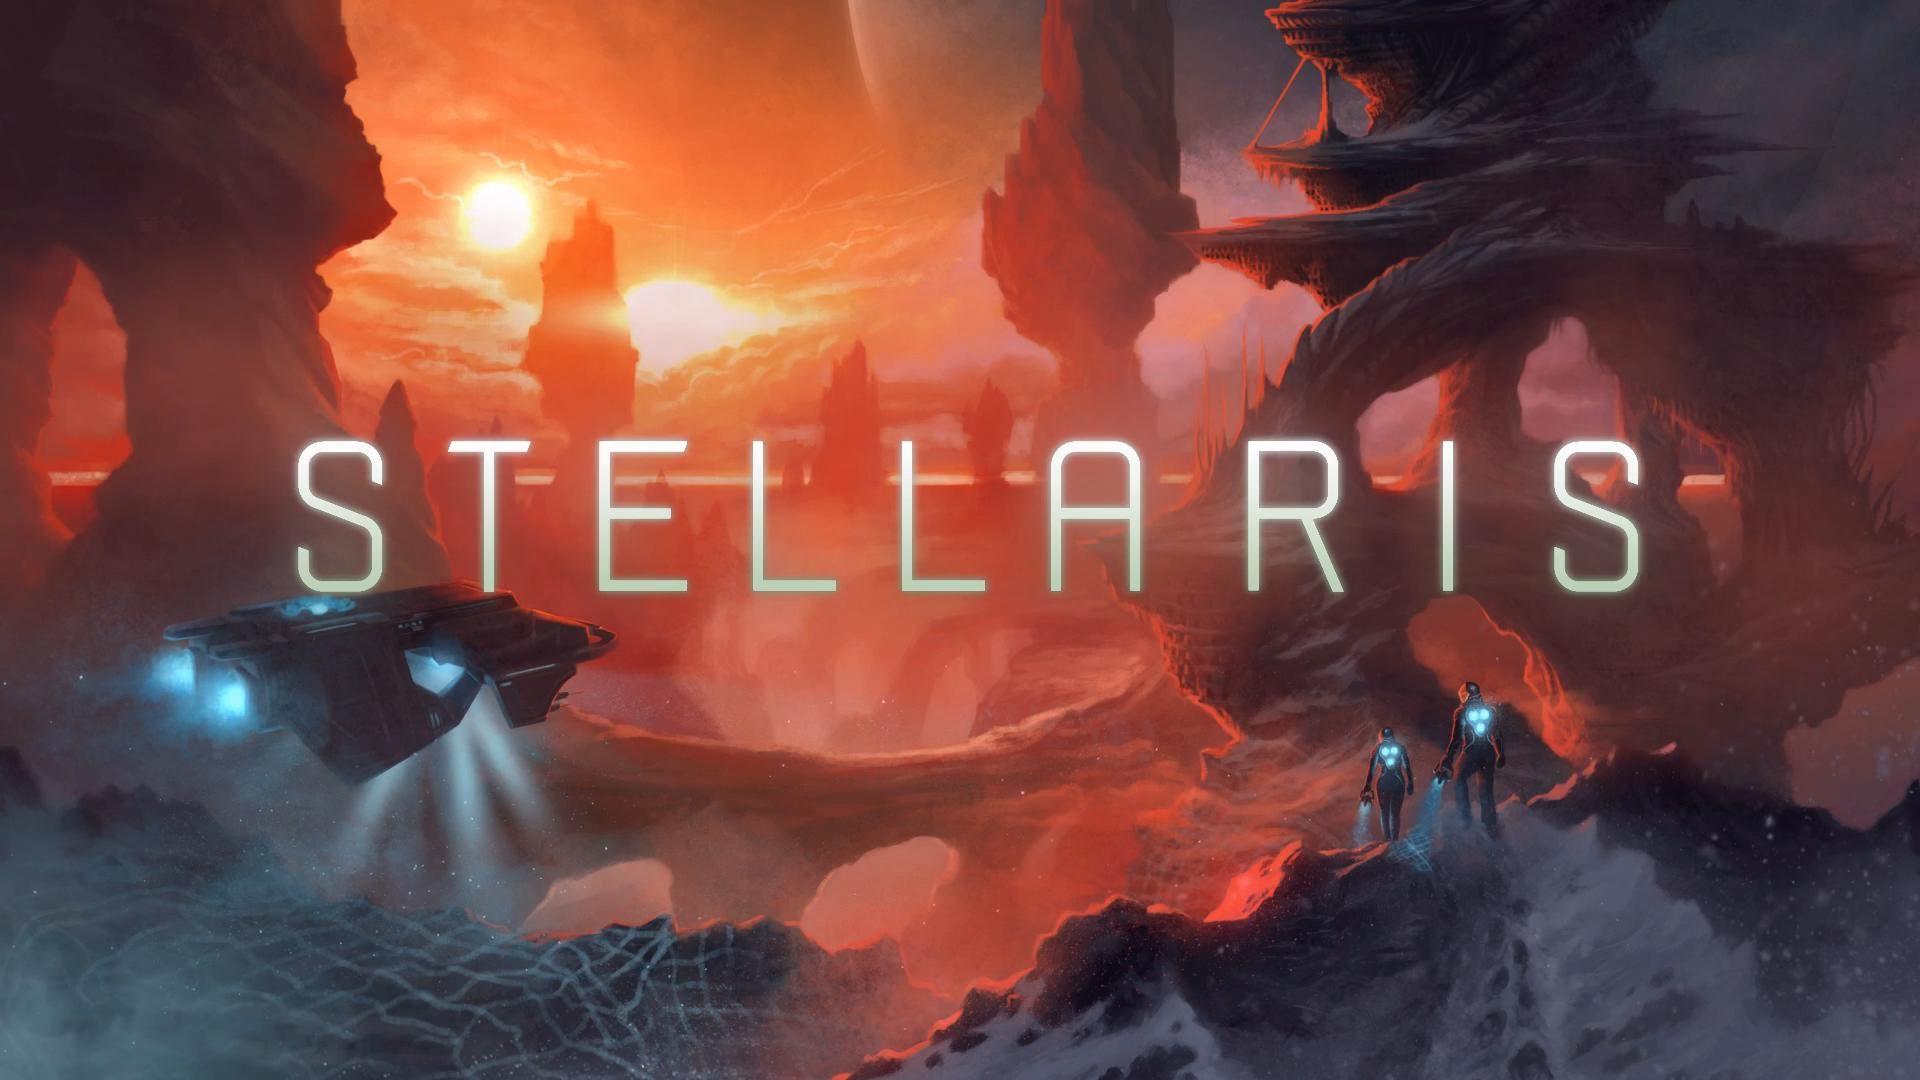 Stellaris Wallpaper